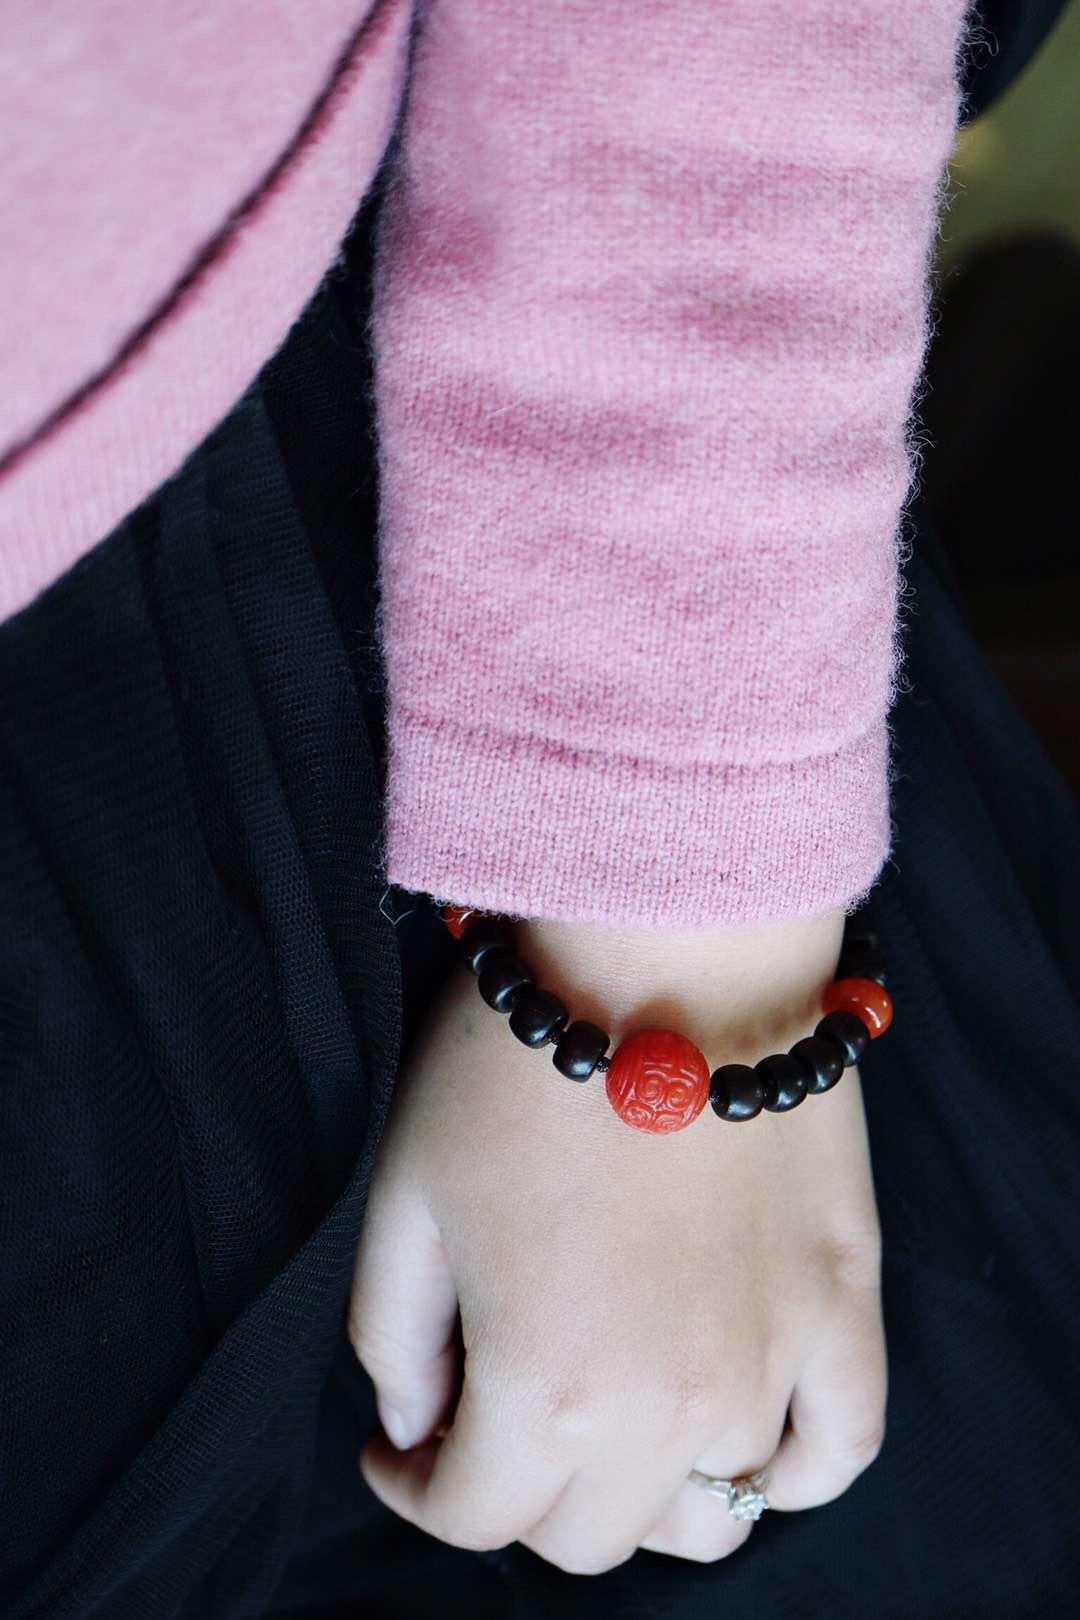 【菩心-情侣款小叶紫檀&南红玛瑙】喜结良缘的调调,新年最红-菩心晶舍